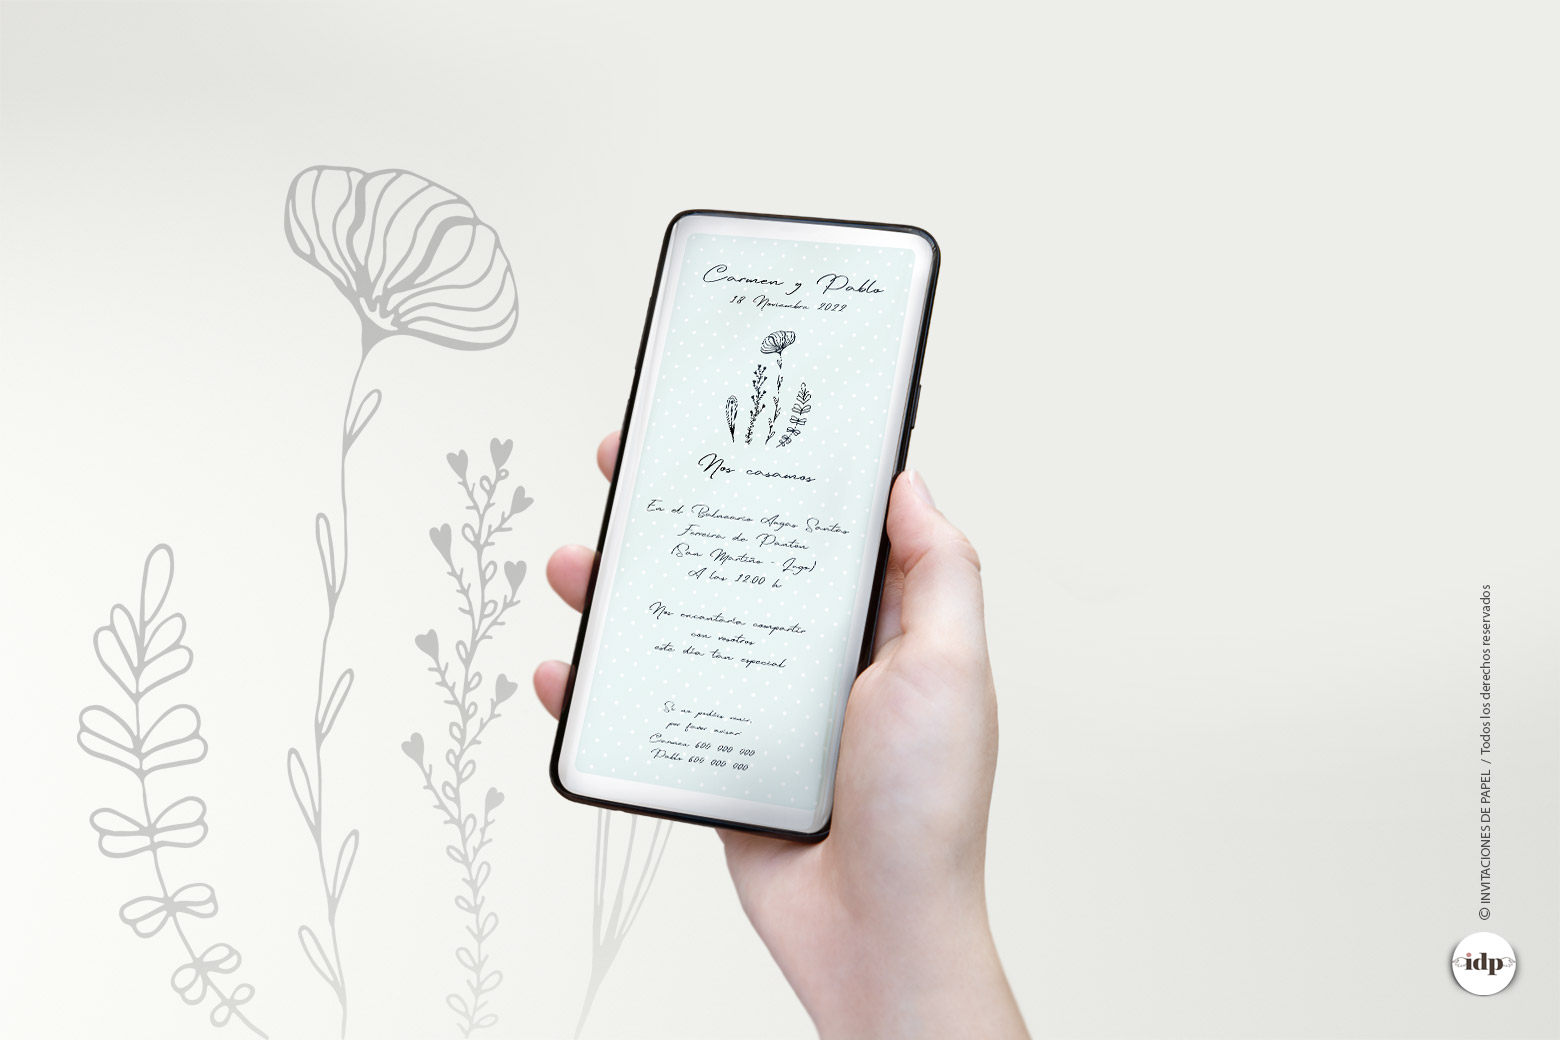 Invitaciones de Boda Digitales Originales y Sencillas con Flores - chic